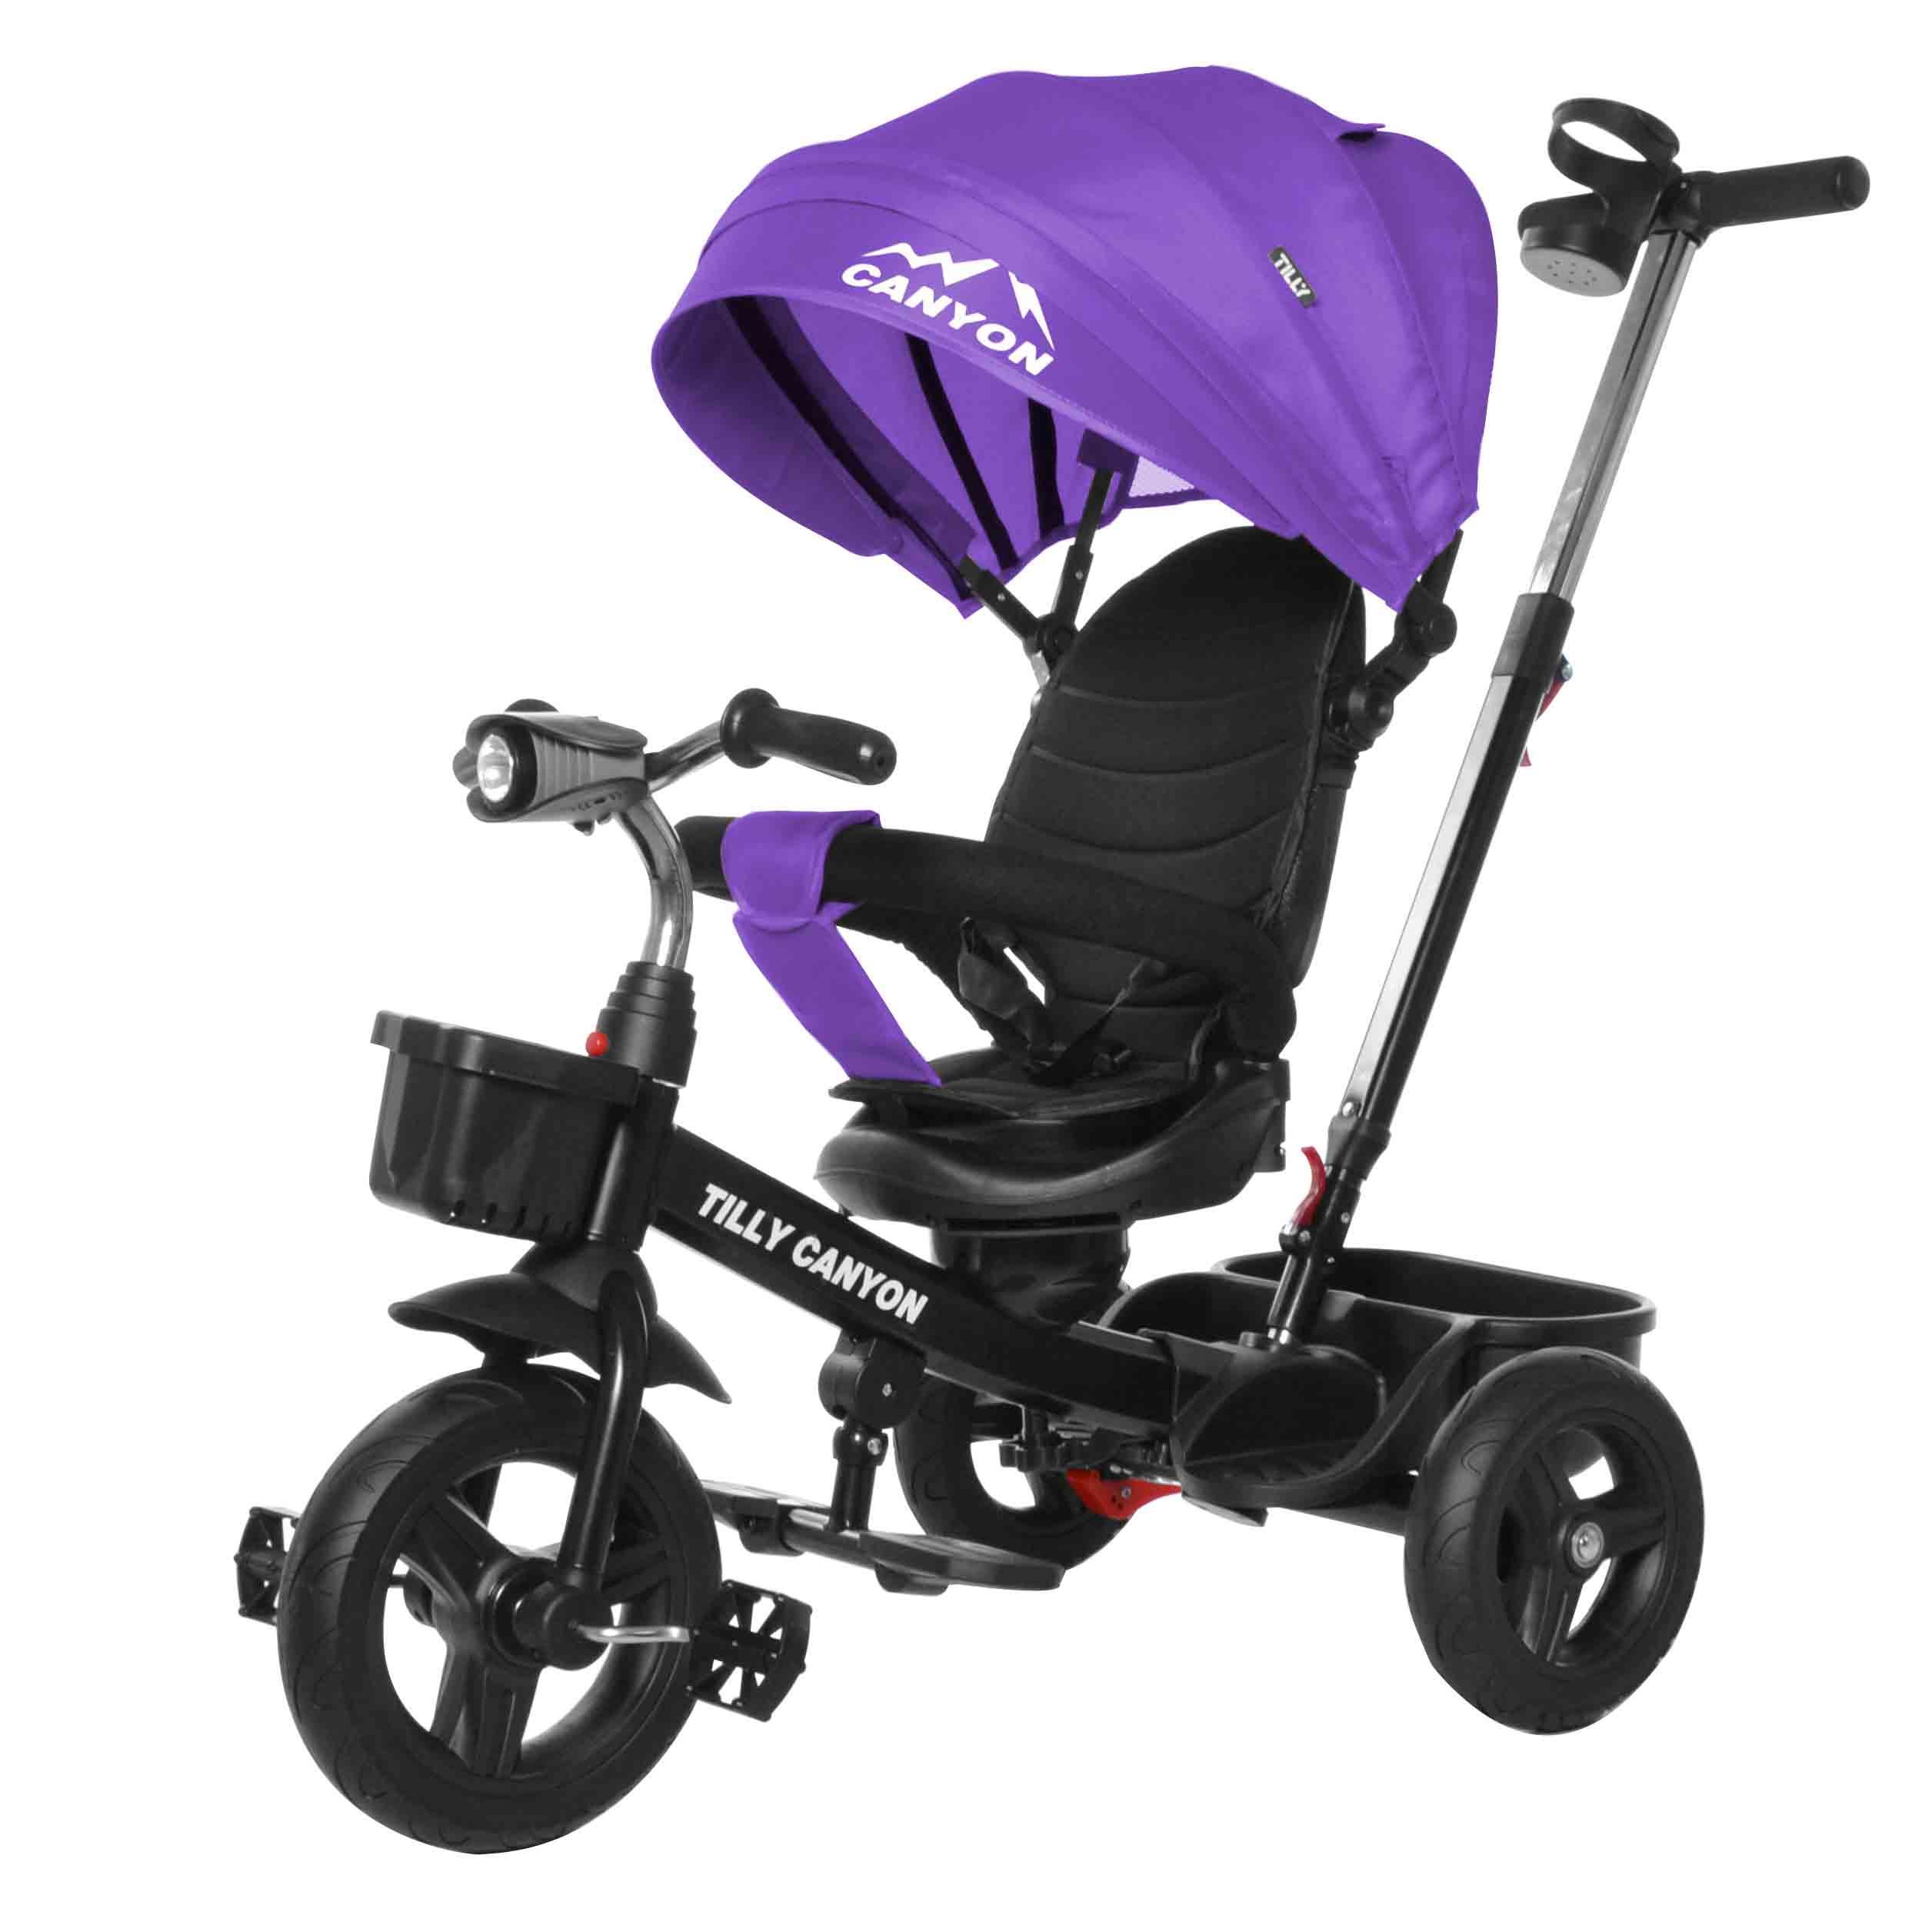 Велосипед триколісний TILLY CANYON T-384 Фіолетовий/1/